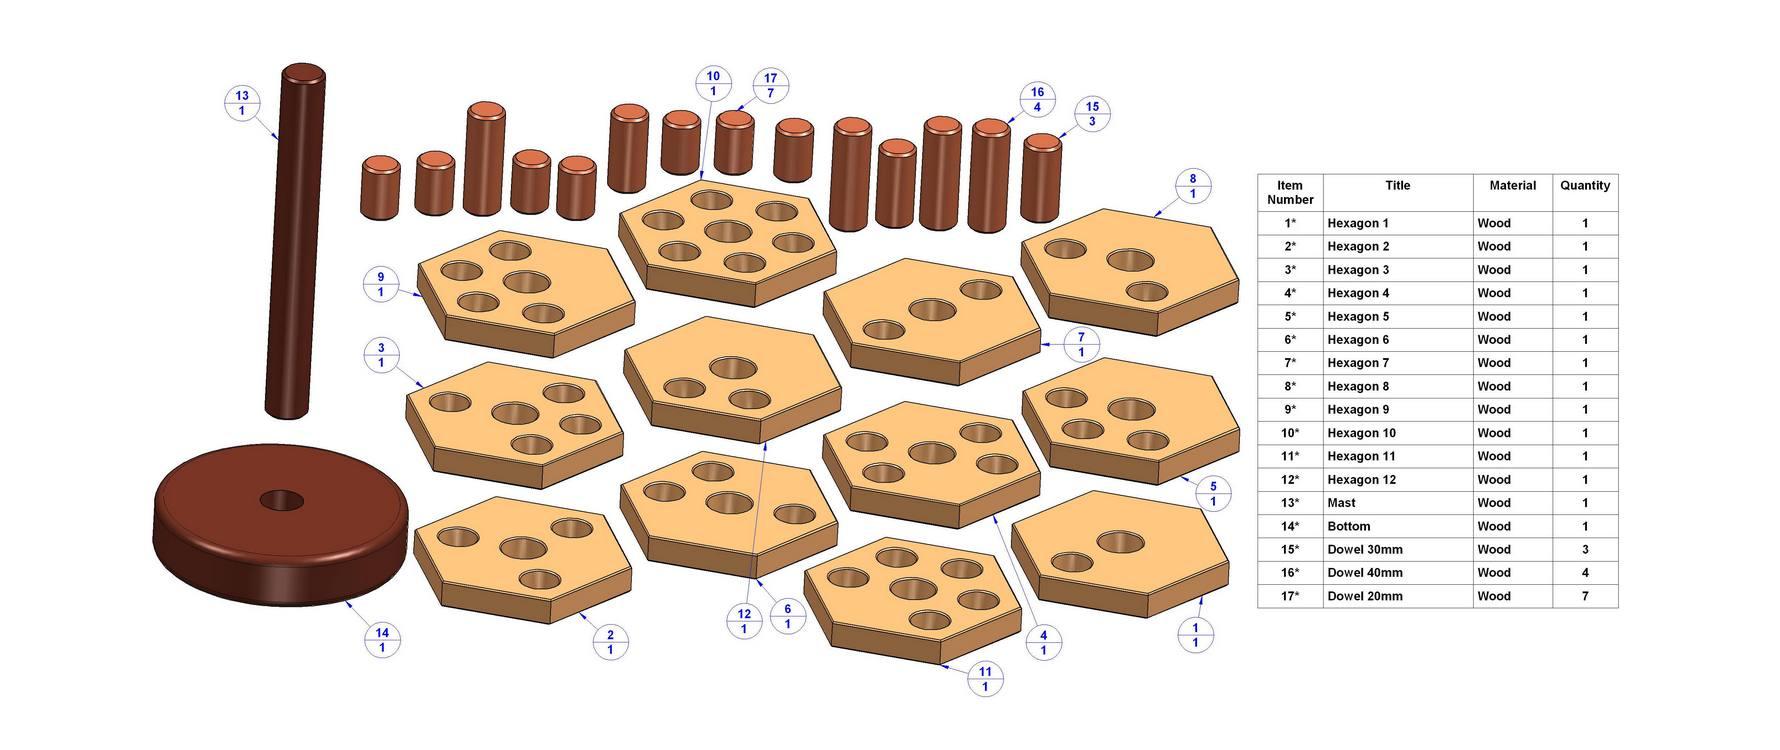 wooden burr puzzle plans | bijaju54